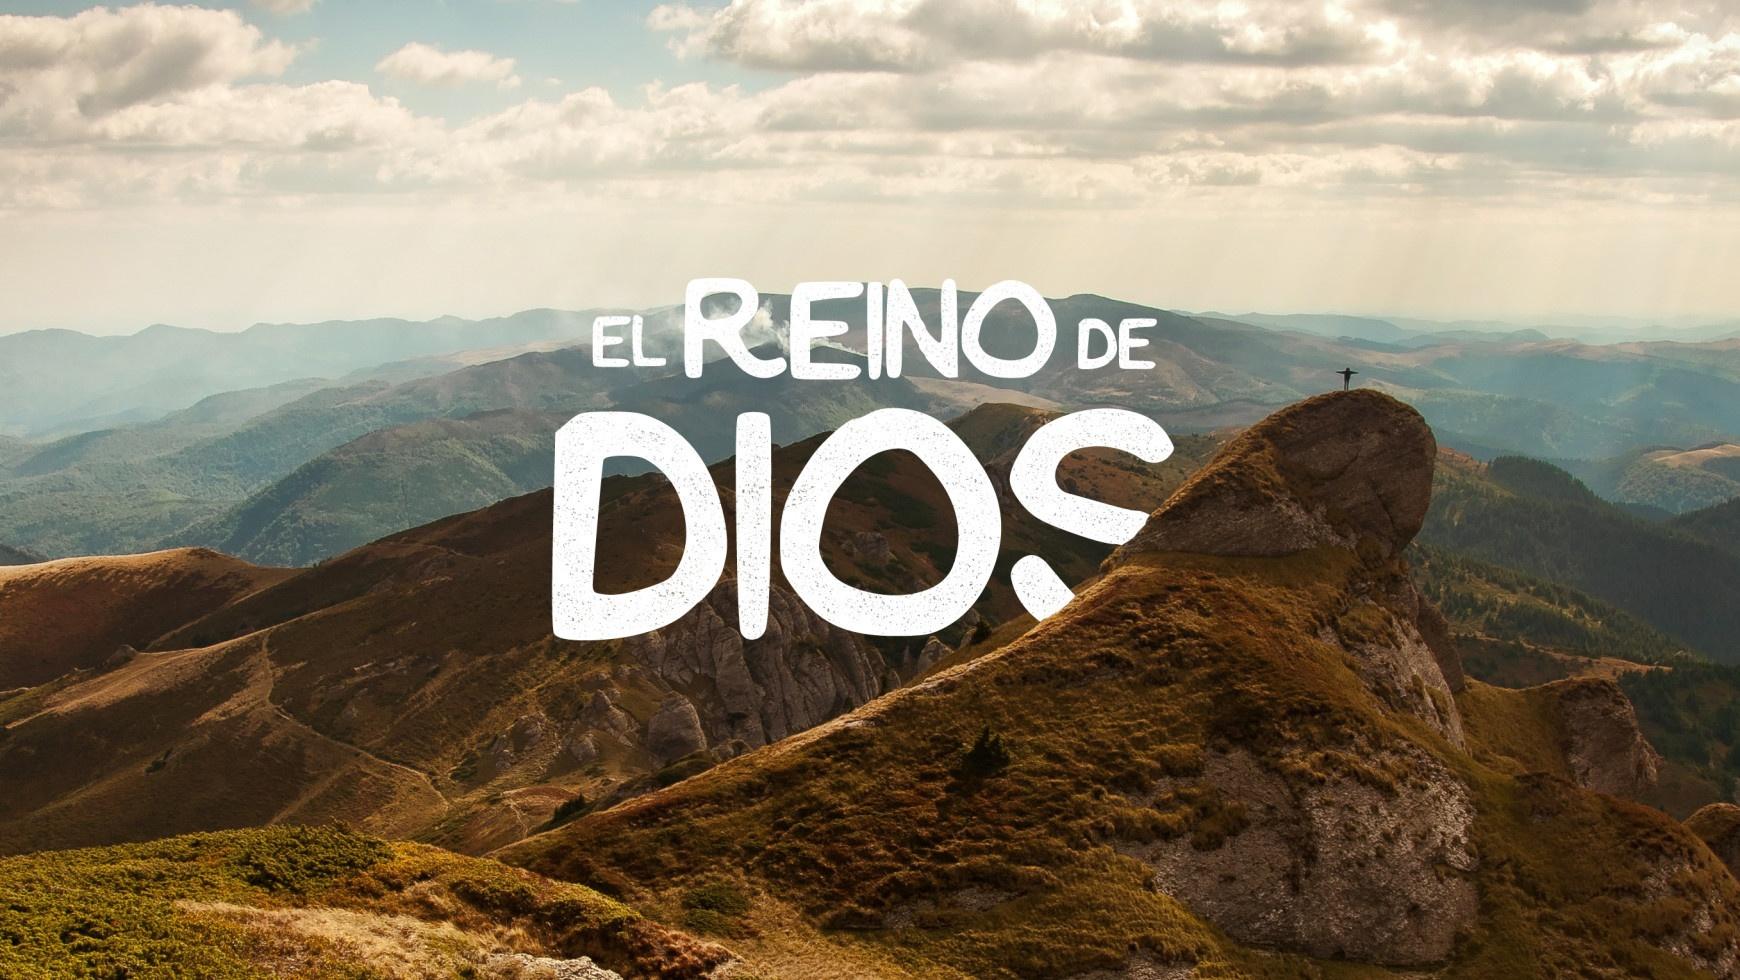 Predicacion: El reino de Dios IV (08/02/2015)